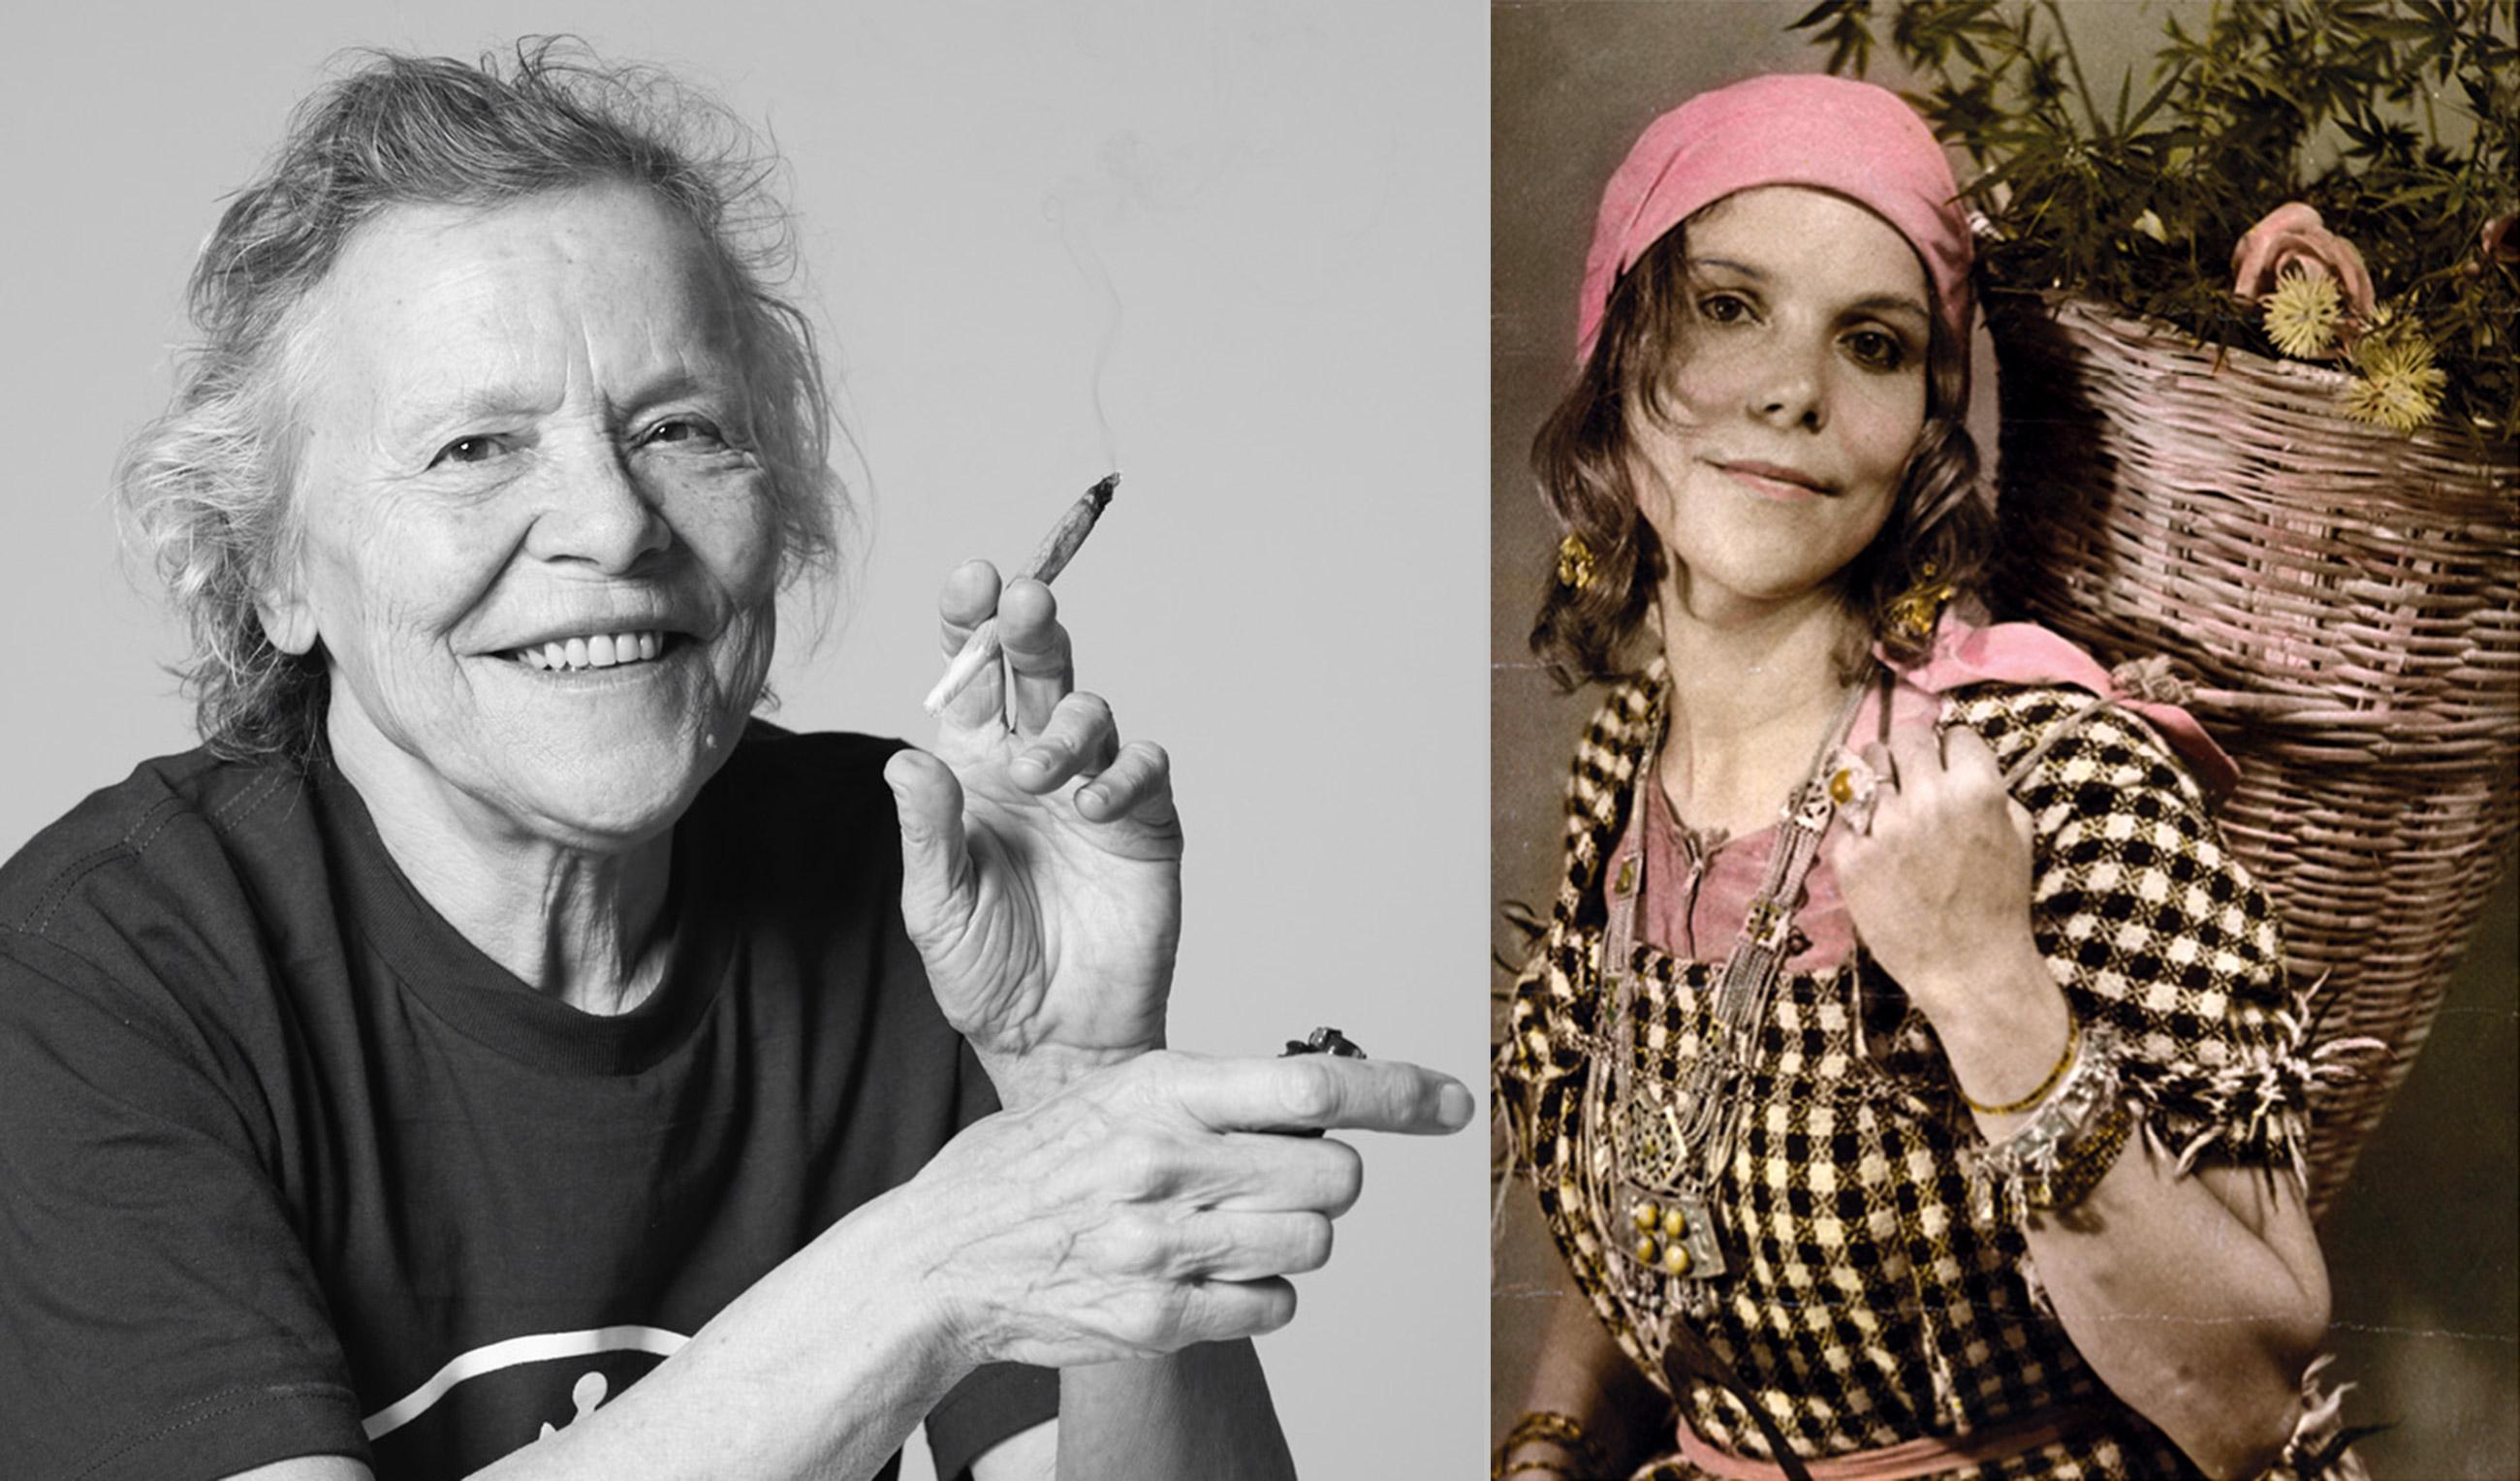 Zwei Fotos der Cannabislegende Mila Jansen. Links ein schwarz-weißes Foto auf dem sie lächelt und einen Joint in der Hand hält, rechts die junge Mila mit einem rosa Tuch auf dem Kopf und einem Korb voll Cannabis, den sie auf dem Rücken trägt.